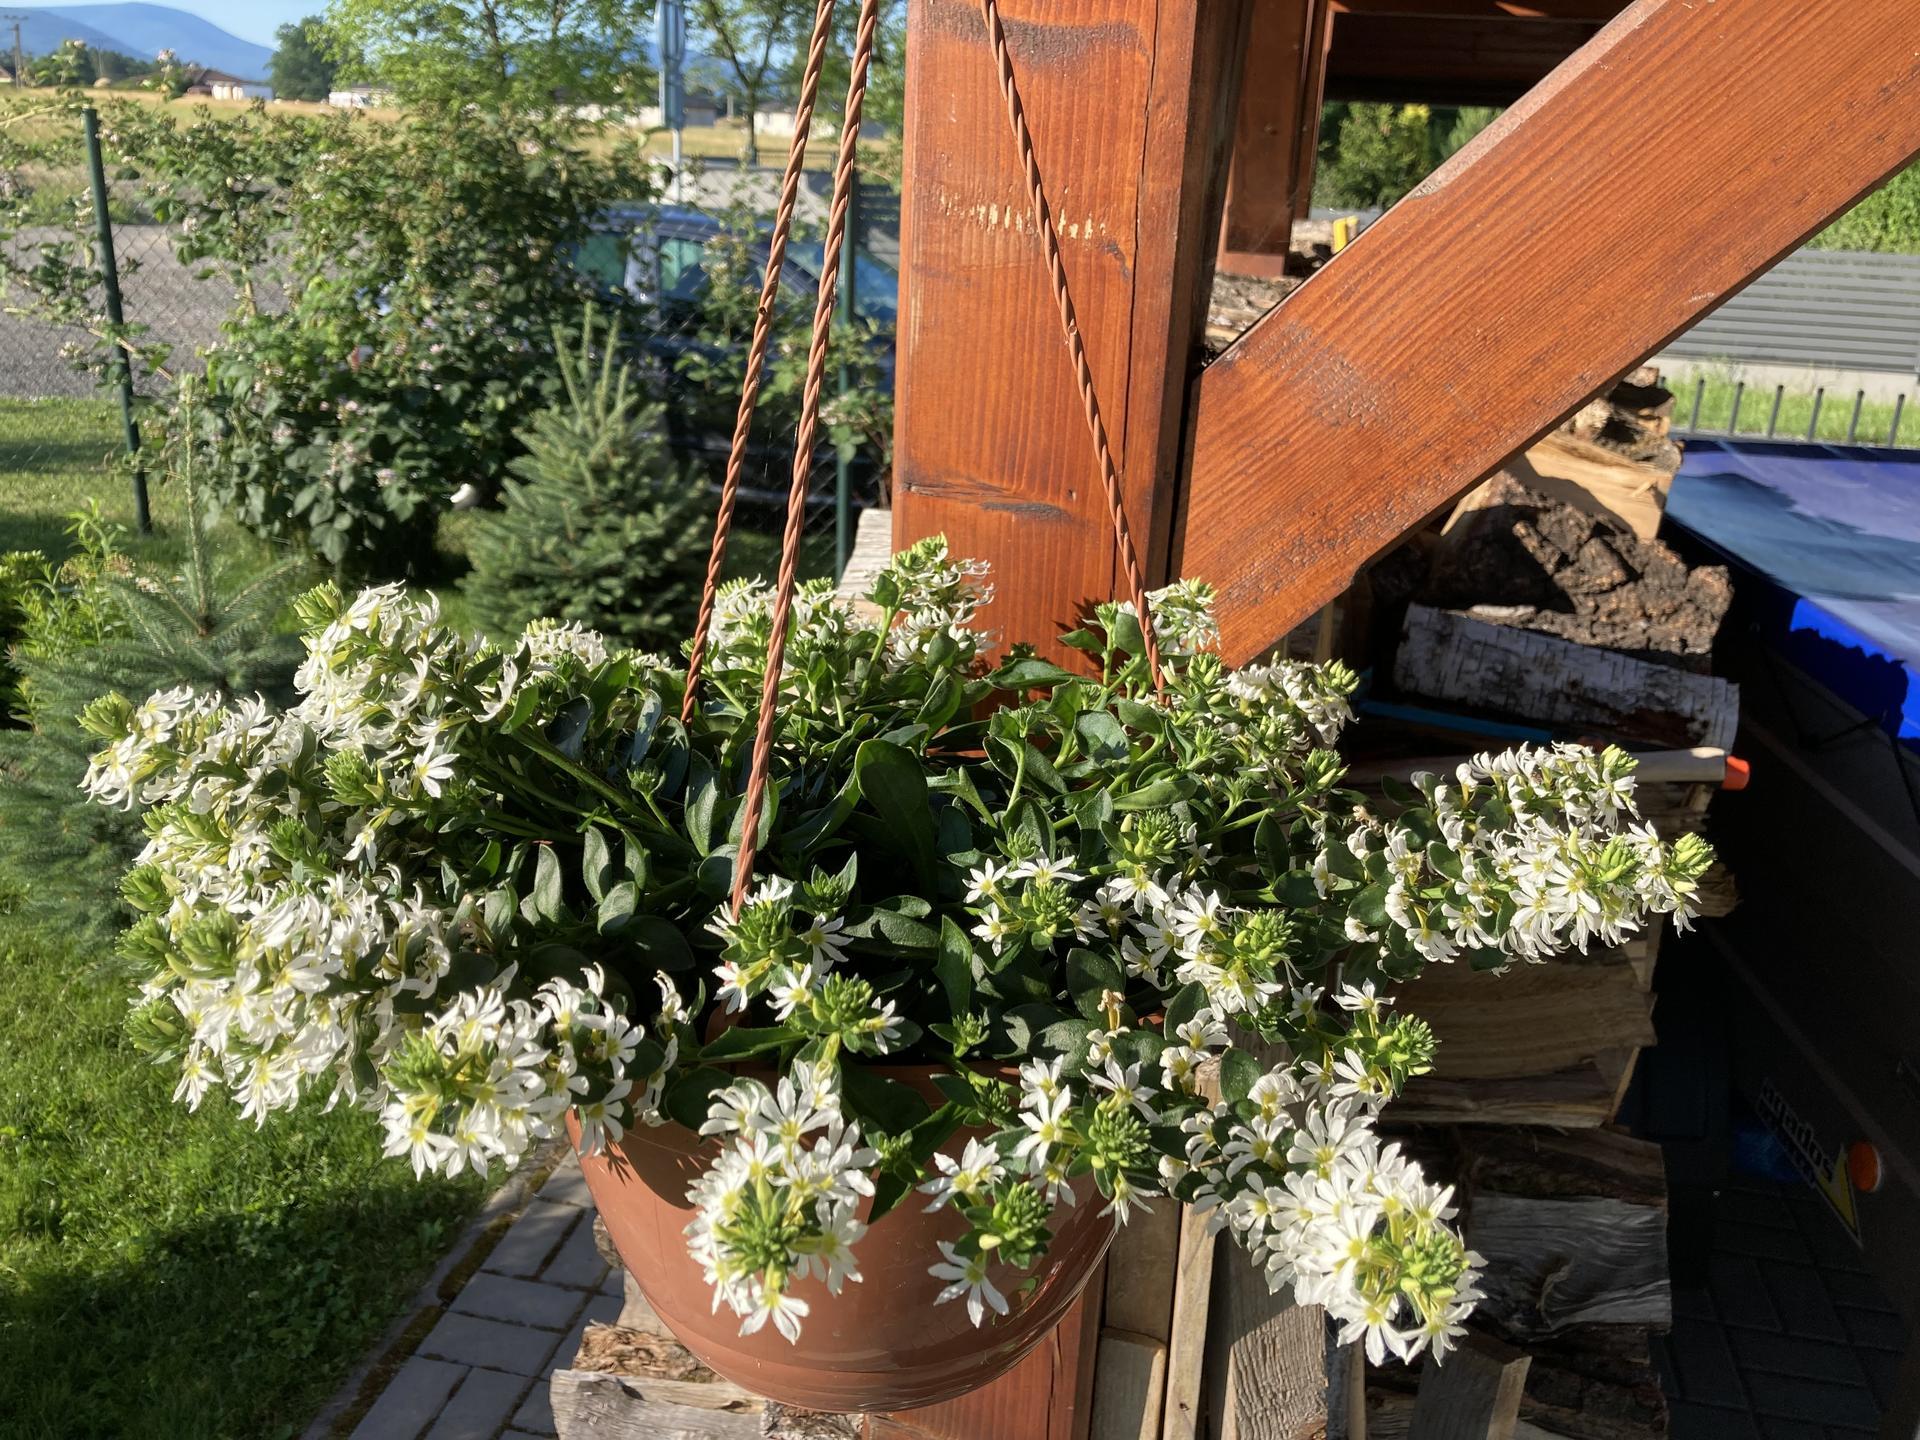 Šestý rok zahradničím - vějířovka bílá, dosud jsem ji neznala